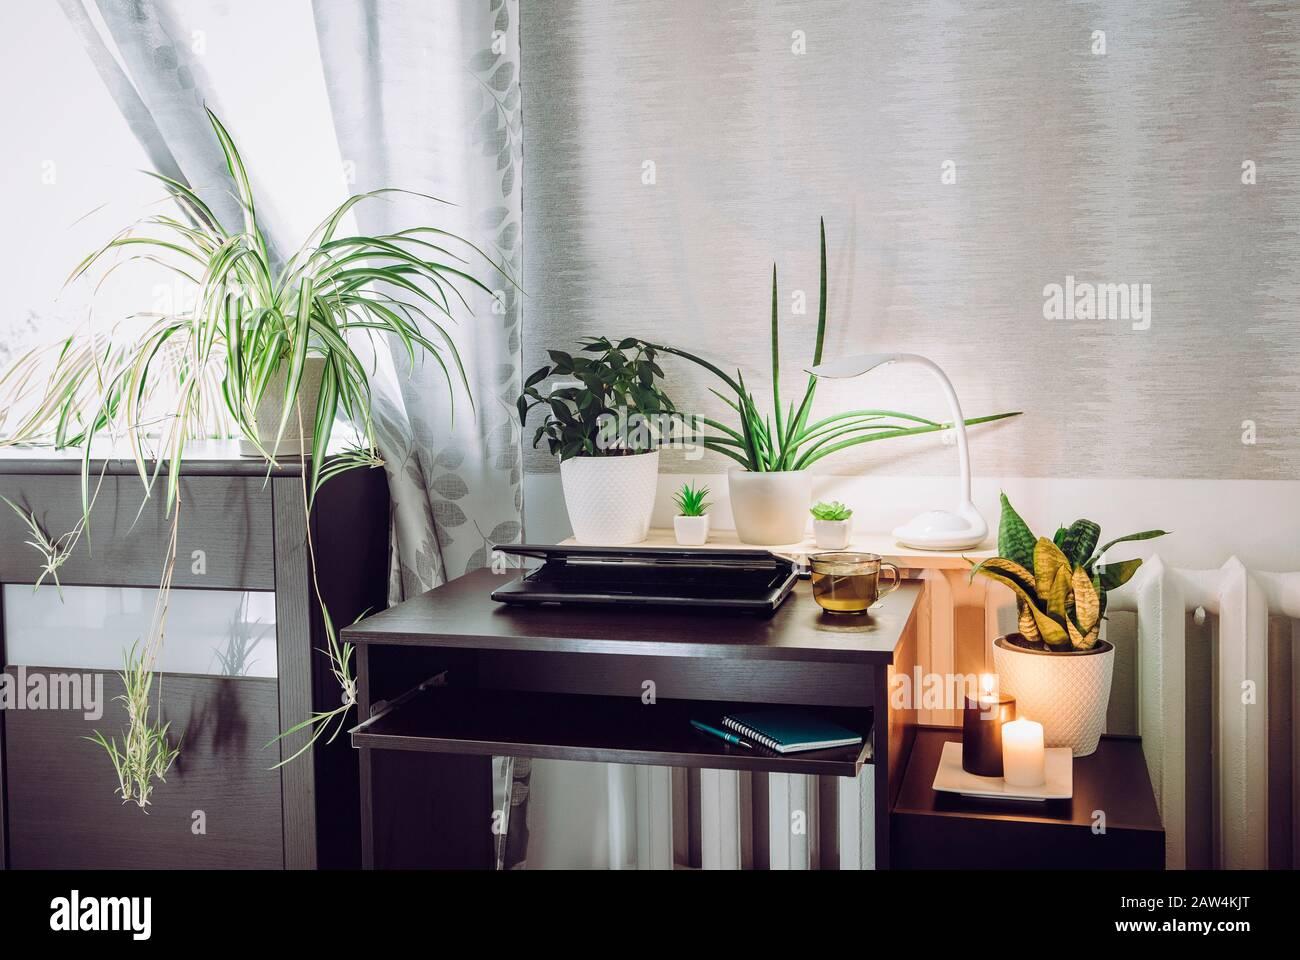 Gris sexo neutro oficina en casa con mucho de tranquilizar verde vivo macetas plantas de flores creciendo. Concepto de estilo de vida saludable y verde. Foto de stock